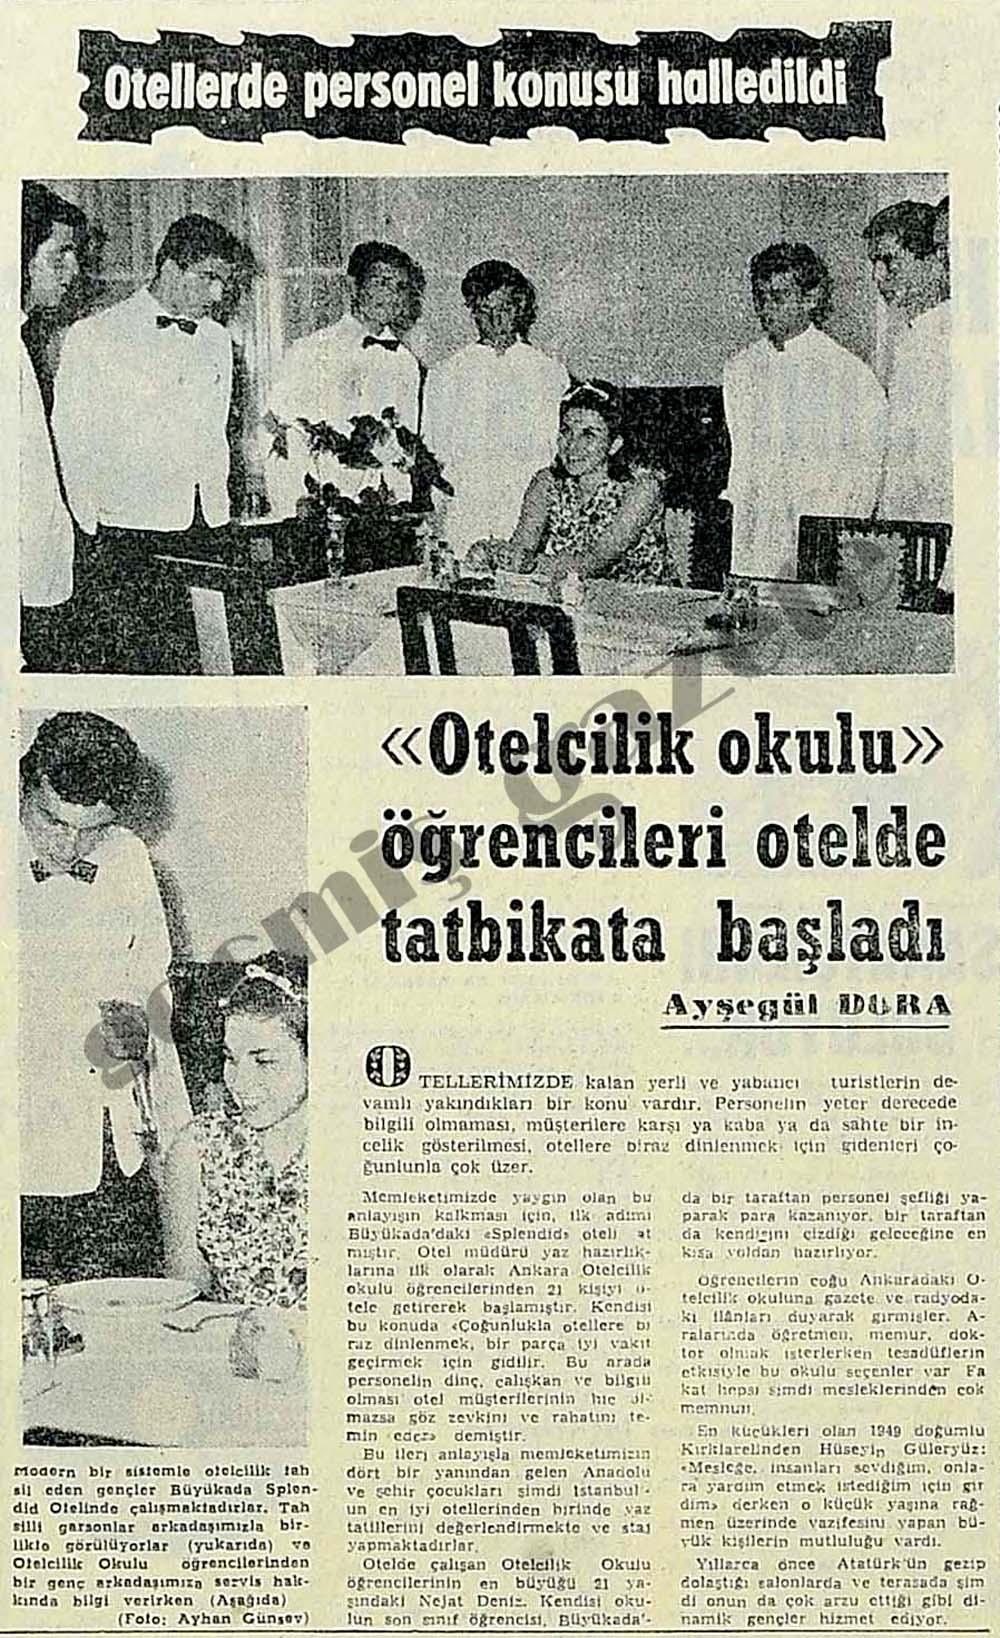 """""""Otelcilik okulu"""" öğrencileri otelde tatbikata başladı"""